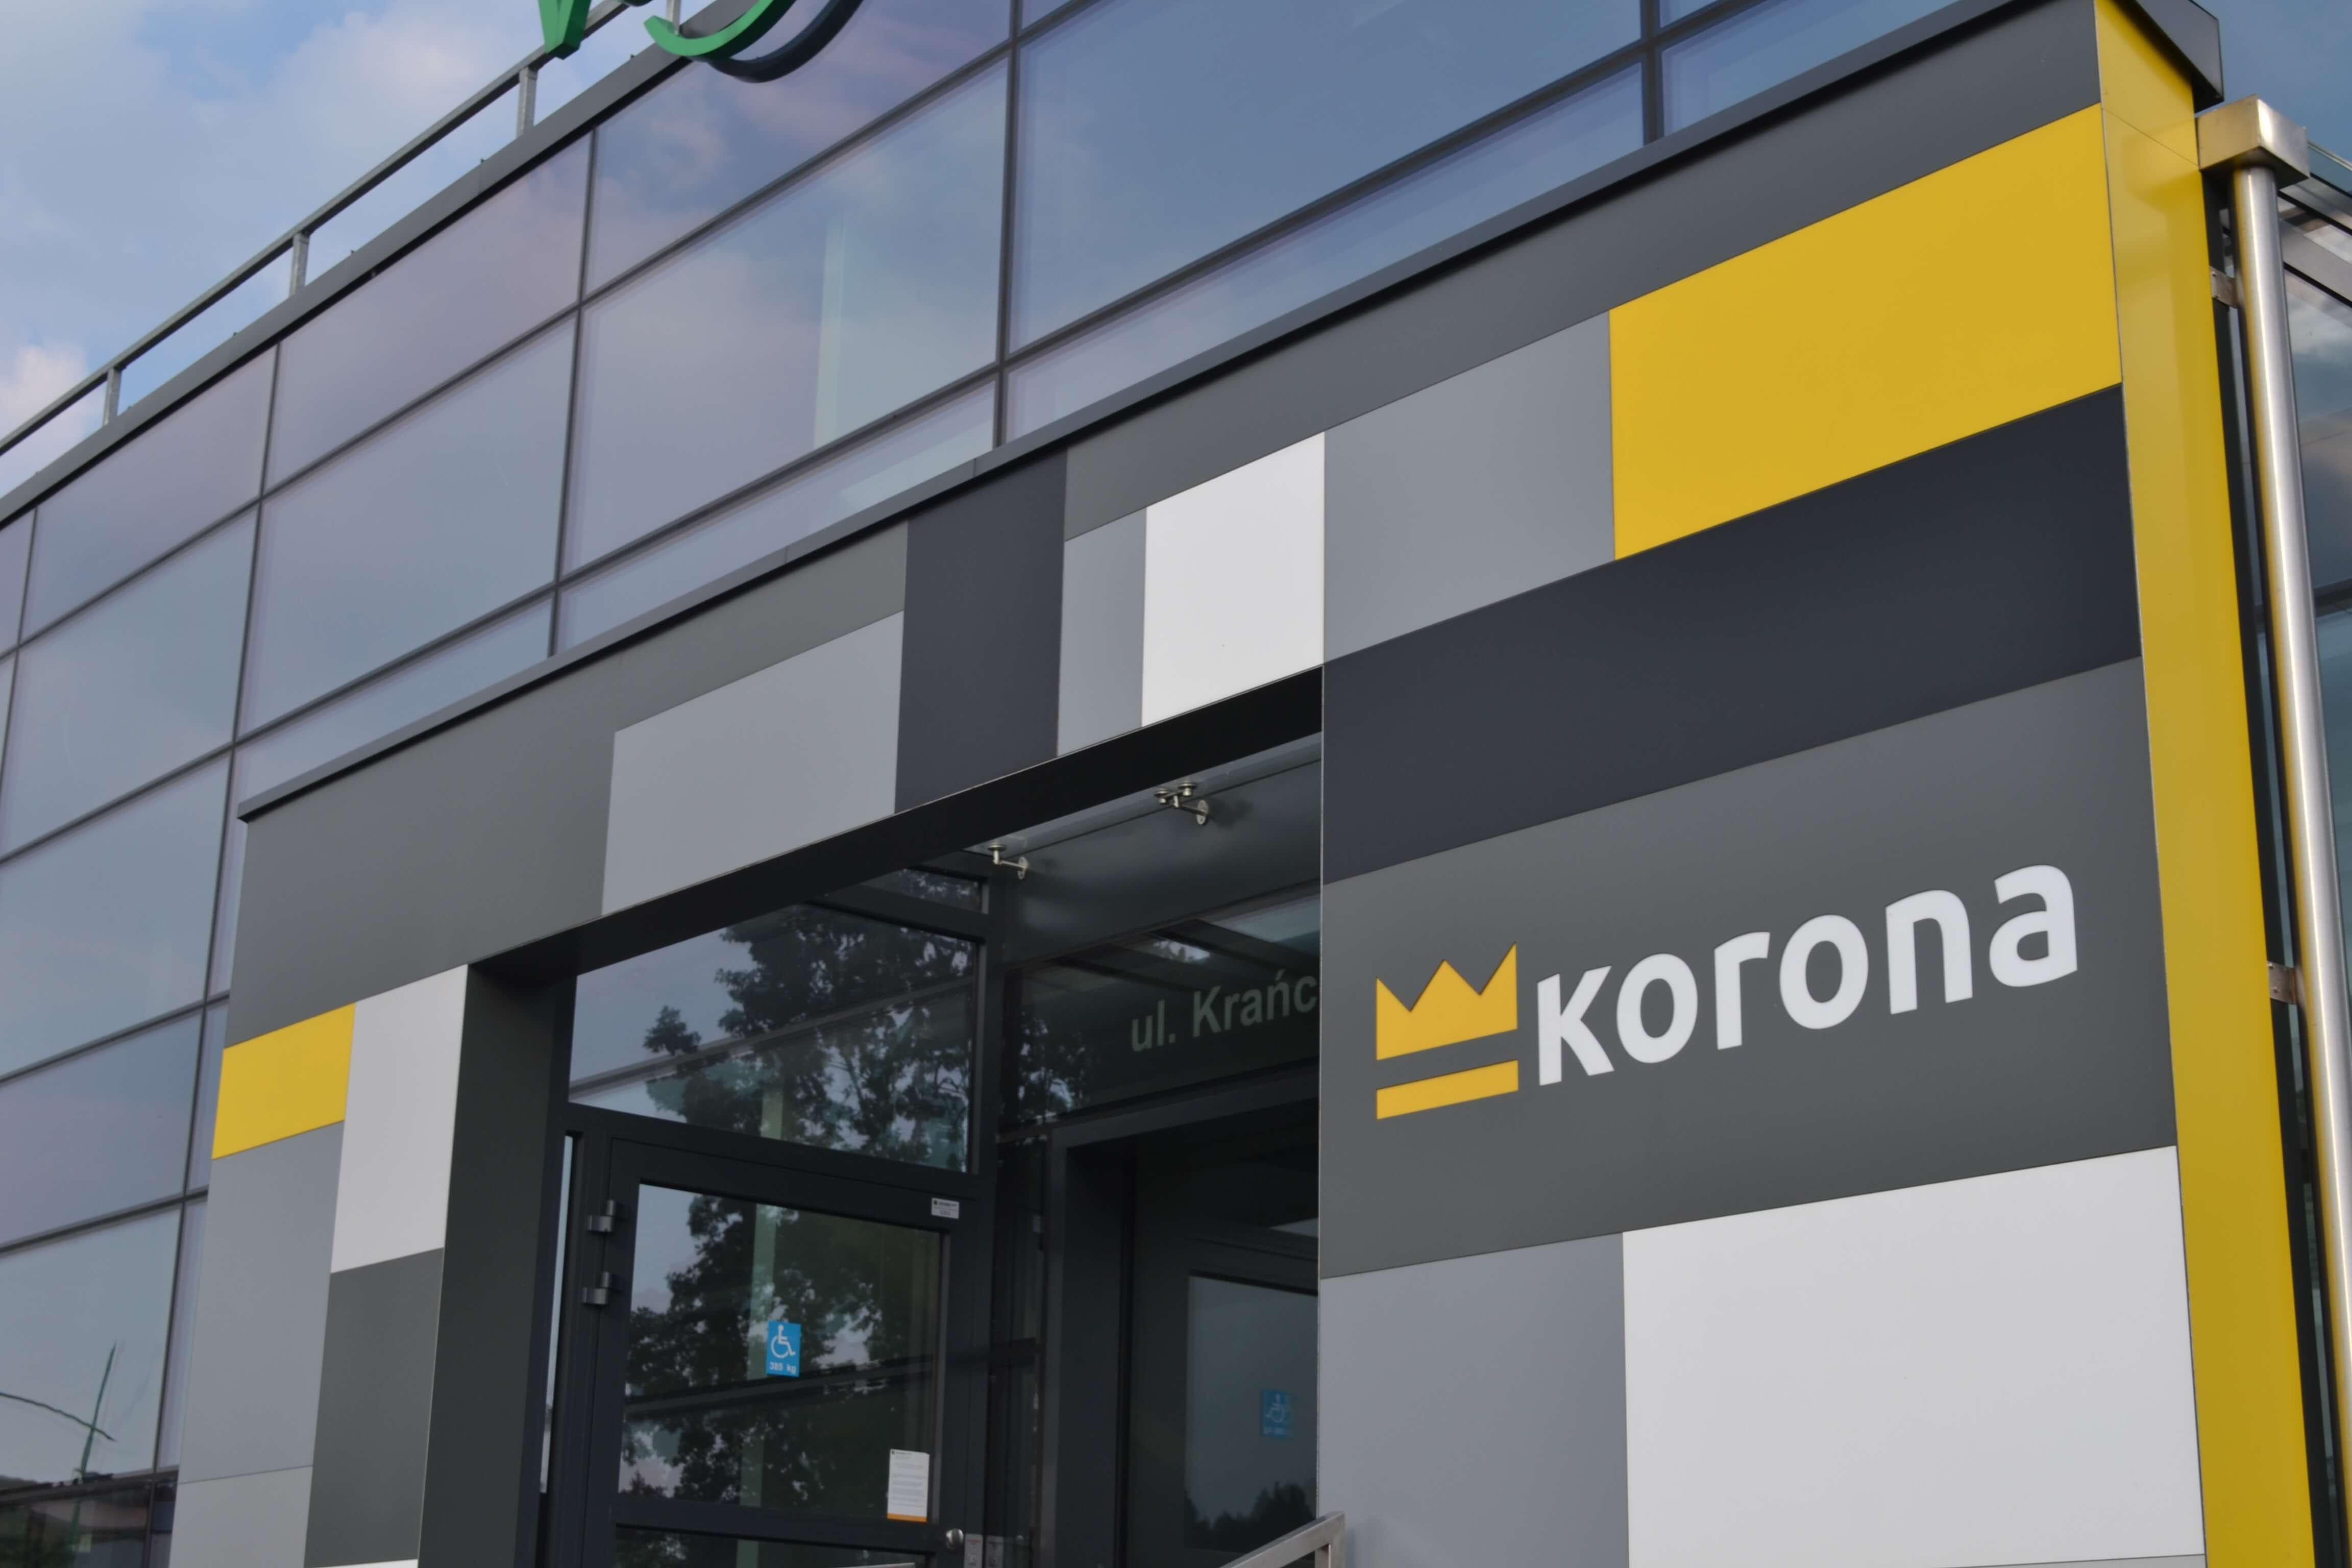 fasada-szklana-tbprojekty-pl